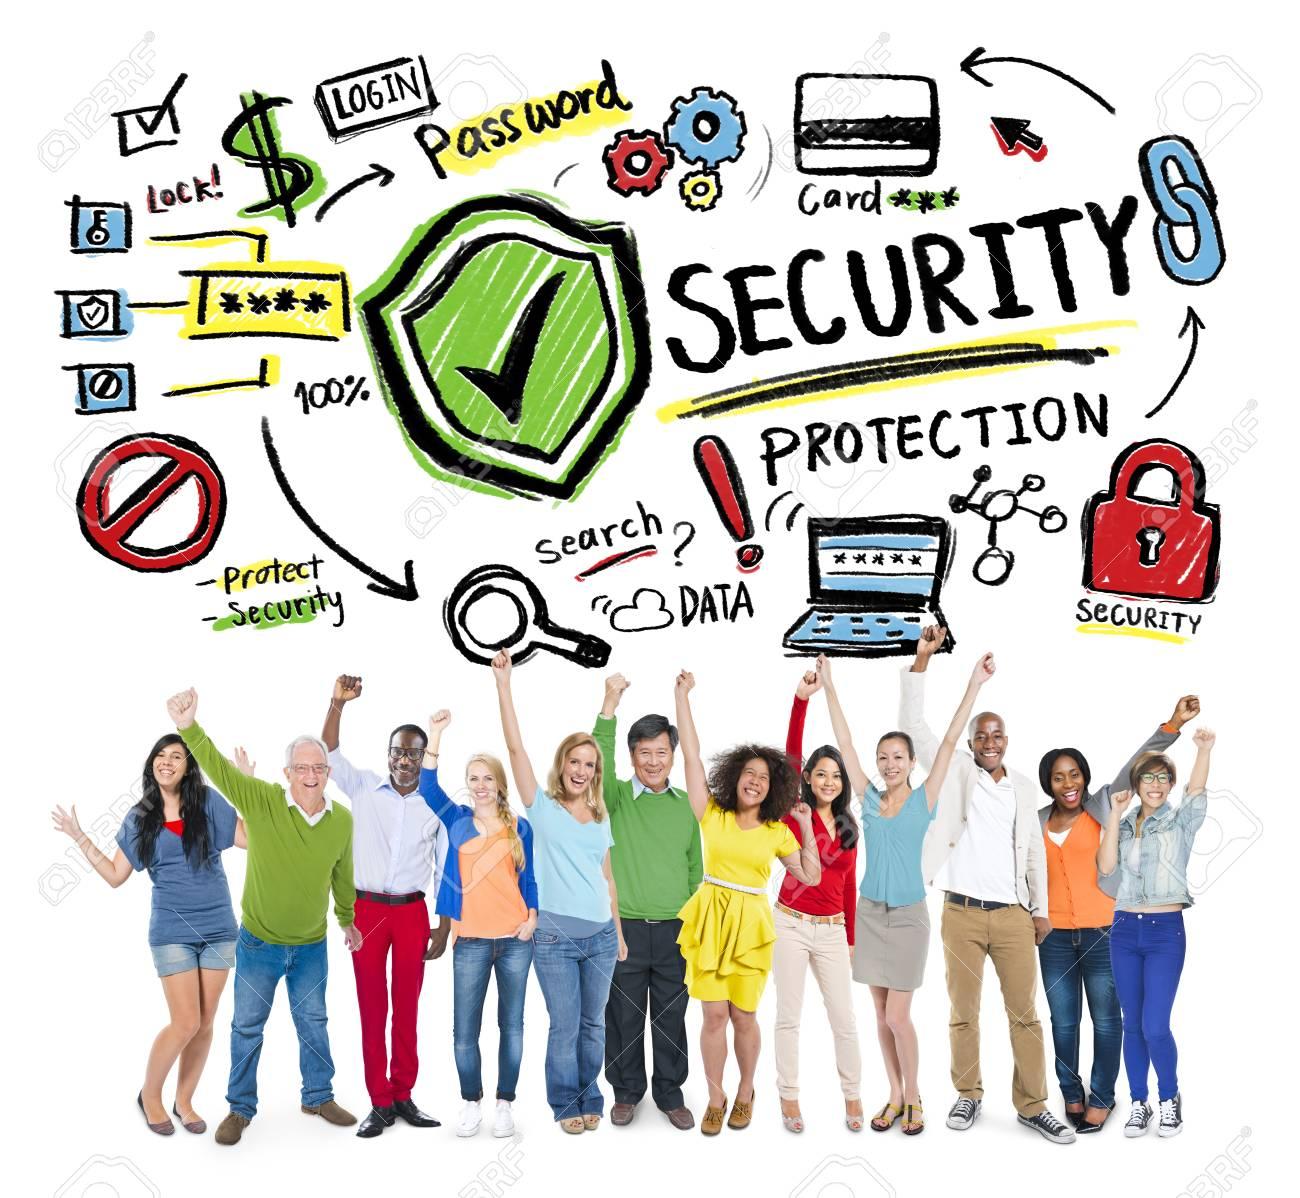 4c59a220 Etnia Gente Alegre Ganar Concepto Protección Seguridad Foto de archivo -  41399501